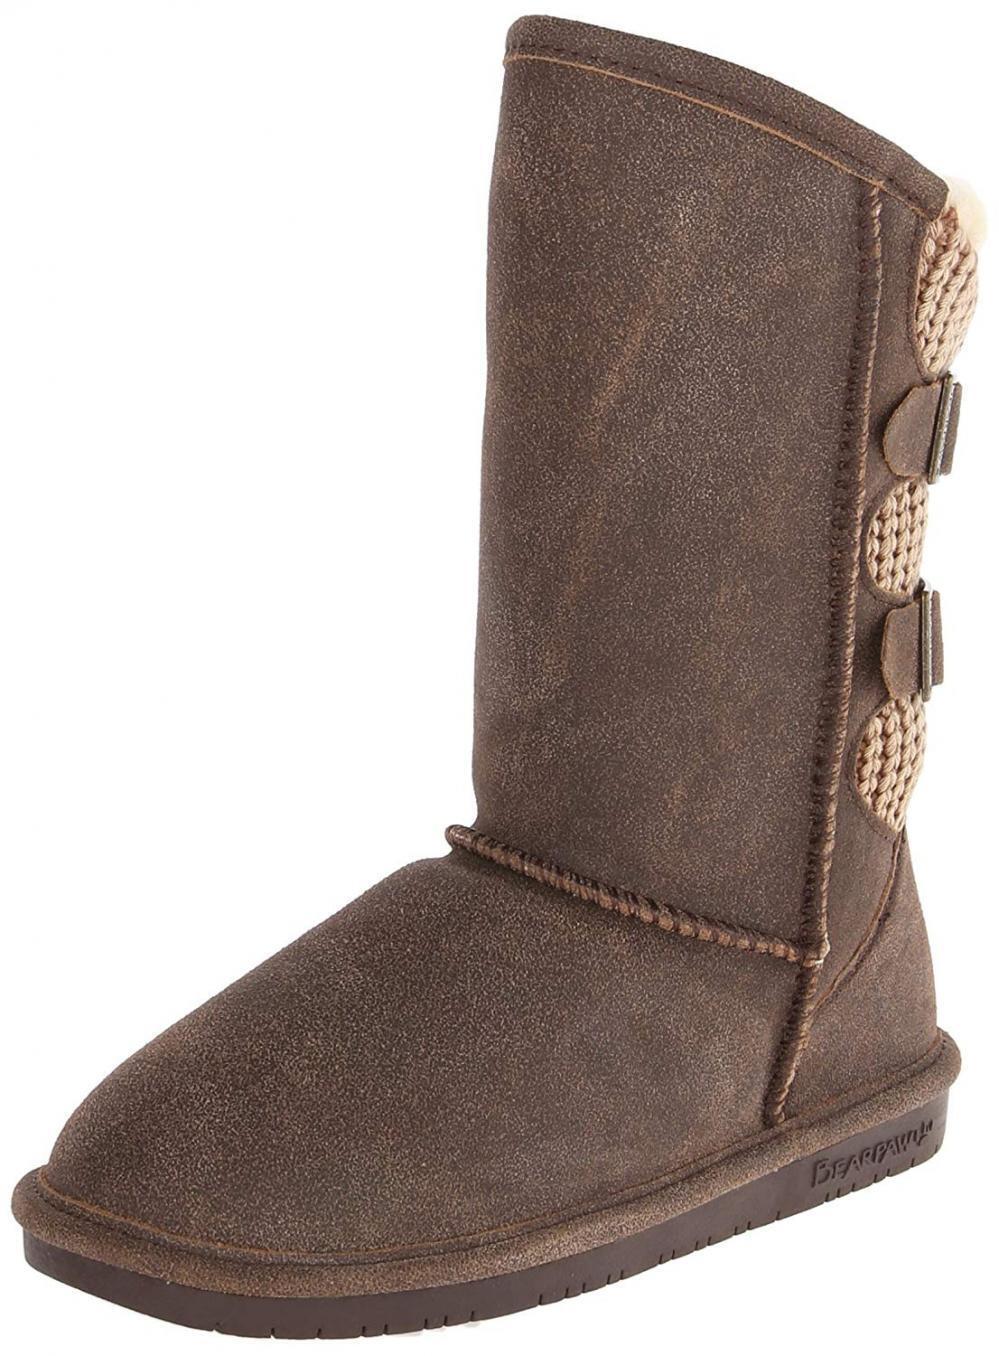 BEARPAW Women's Boshie Winter Boot